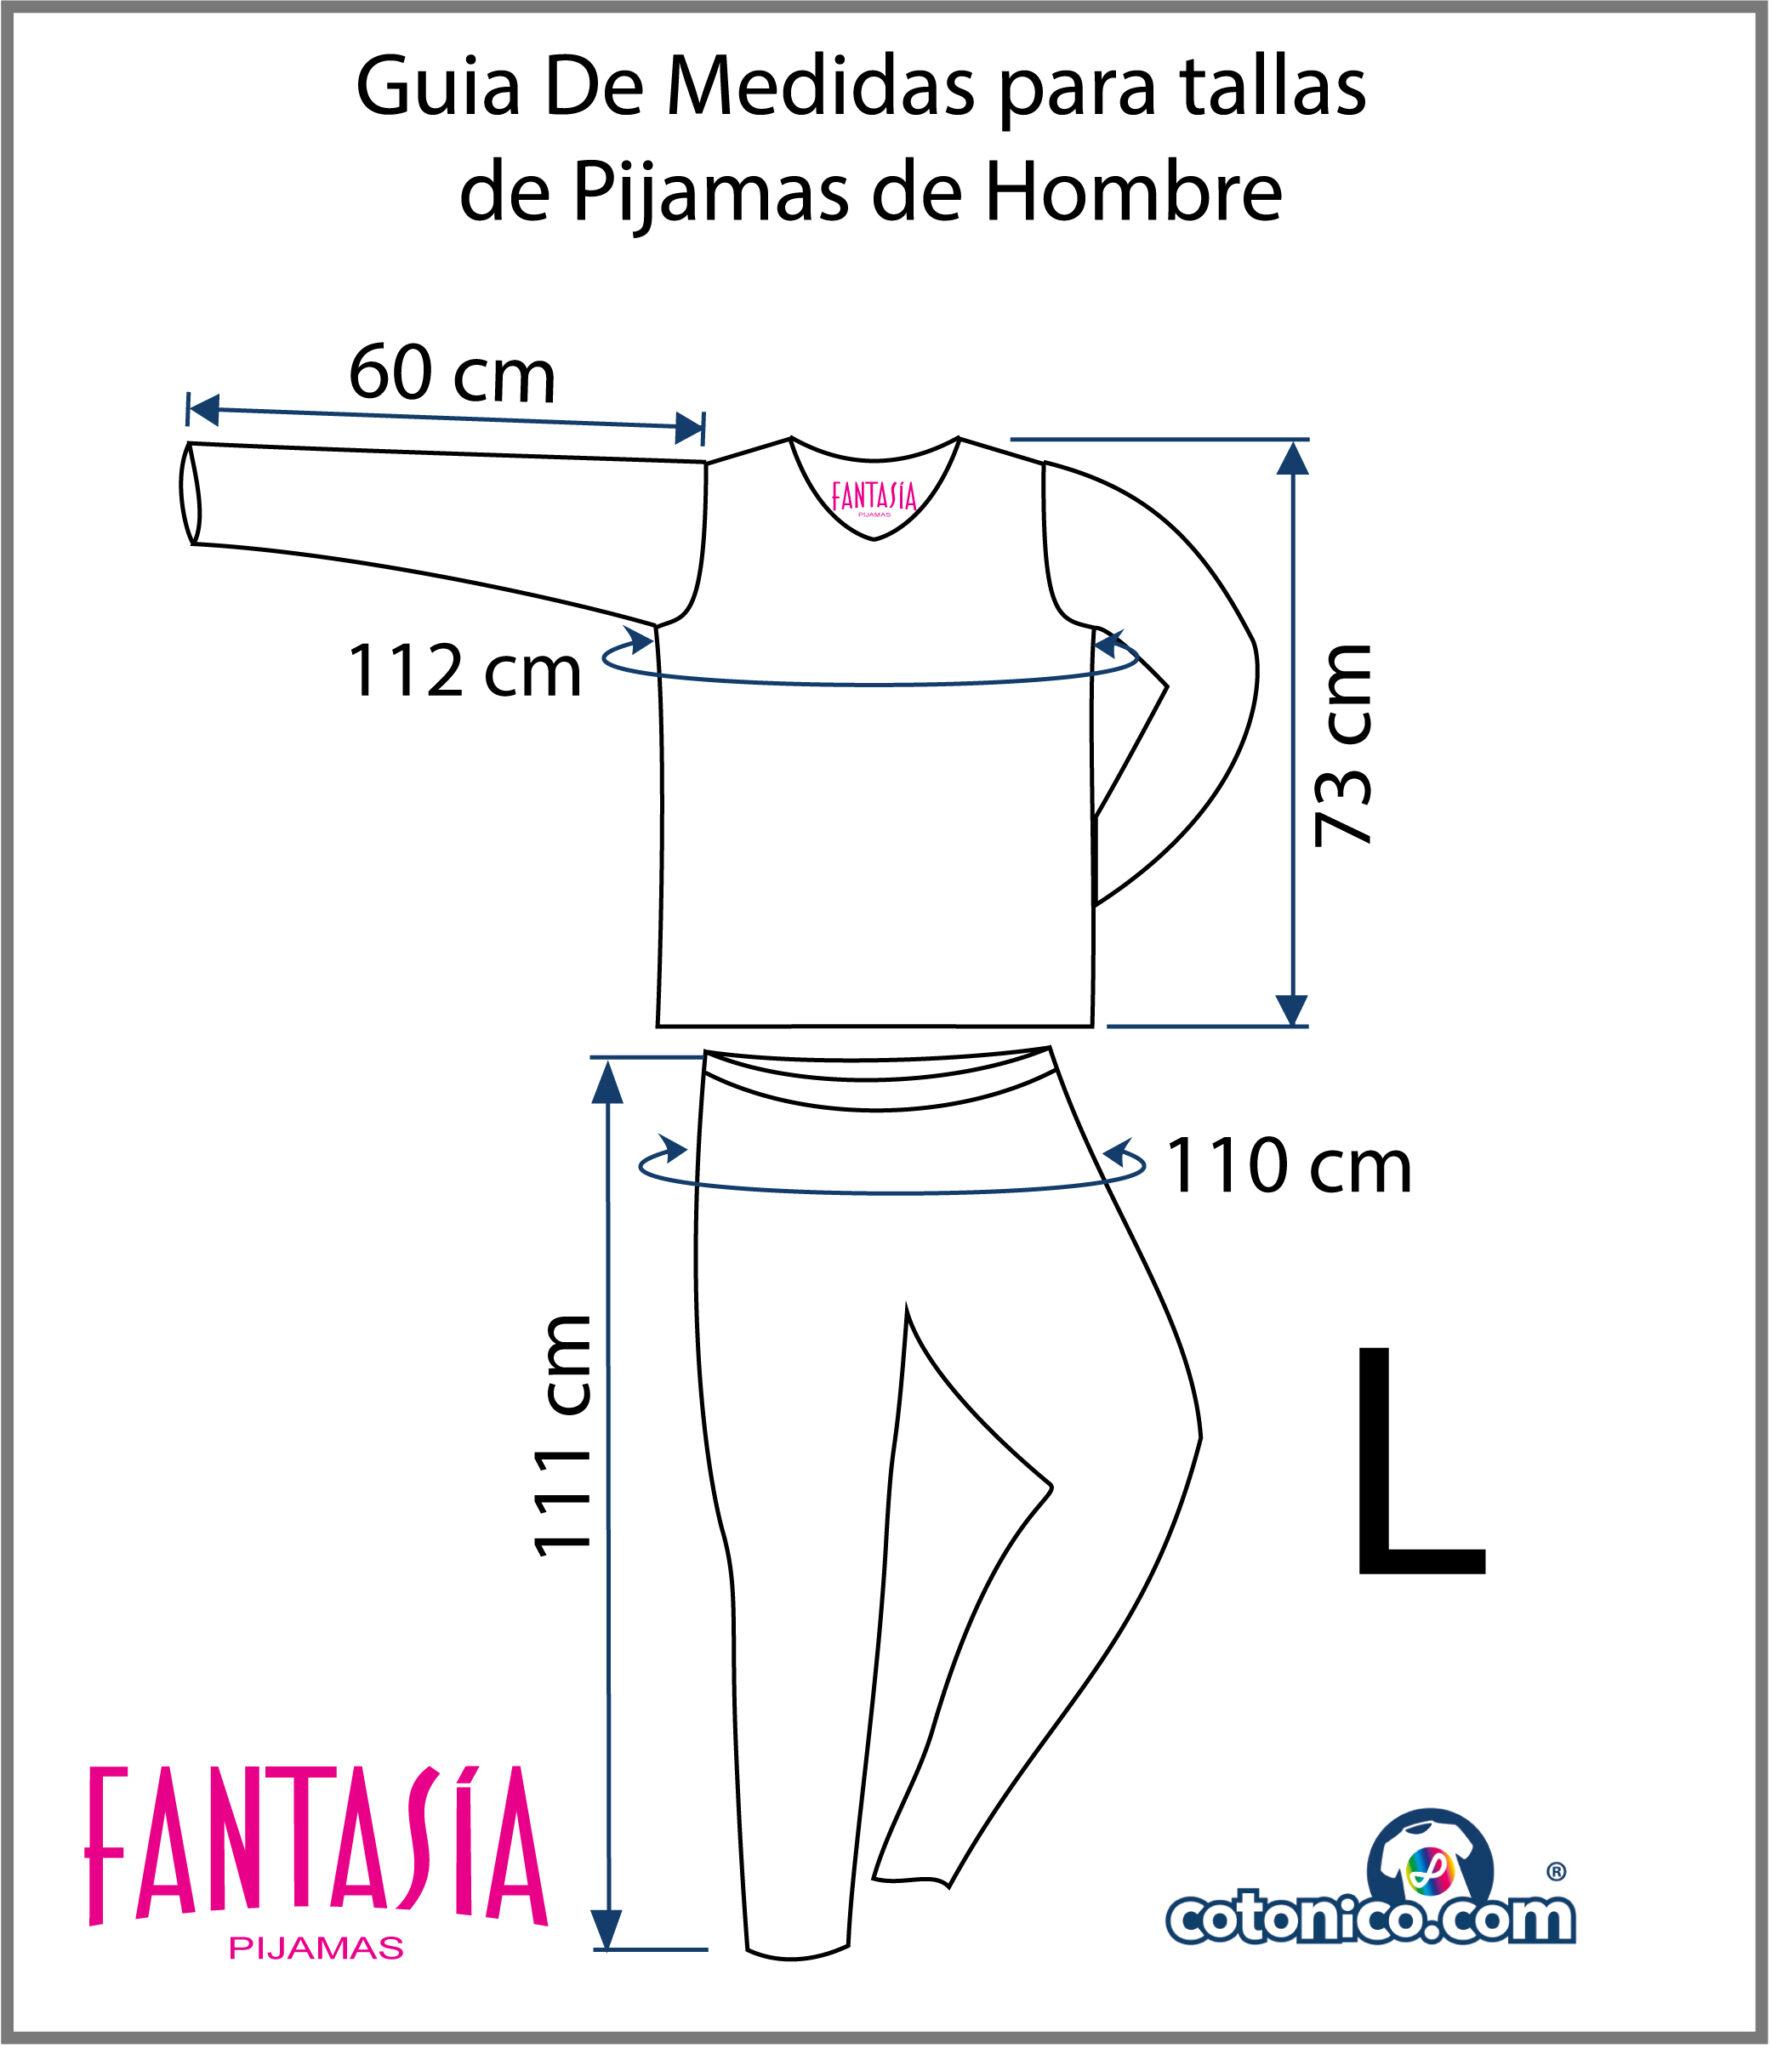 Guia-De-Tallas-Pijamas-De-Hombre-L